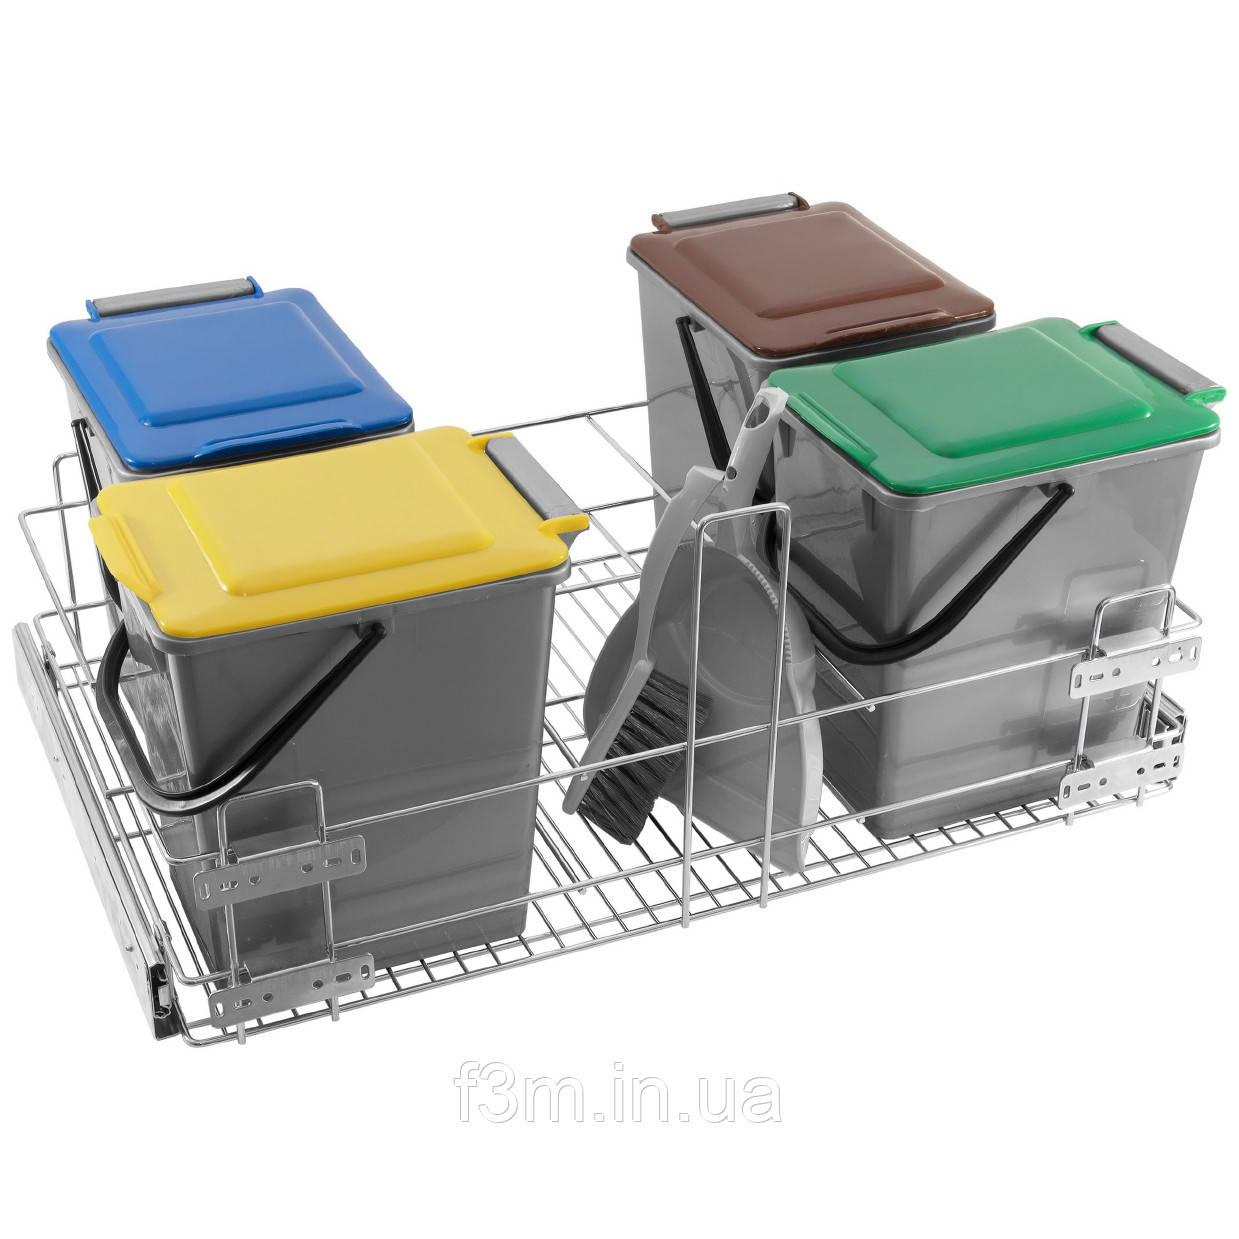 Система для отходов F3M: 4 Ведра ЦВЕТНЫХ на шариковых направляющих с доводчиком + совок и щётка